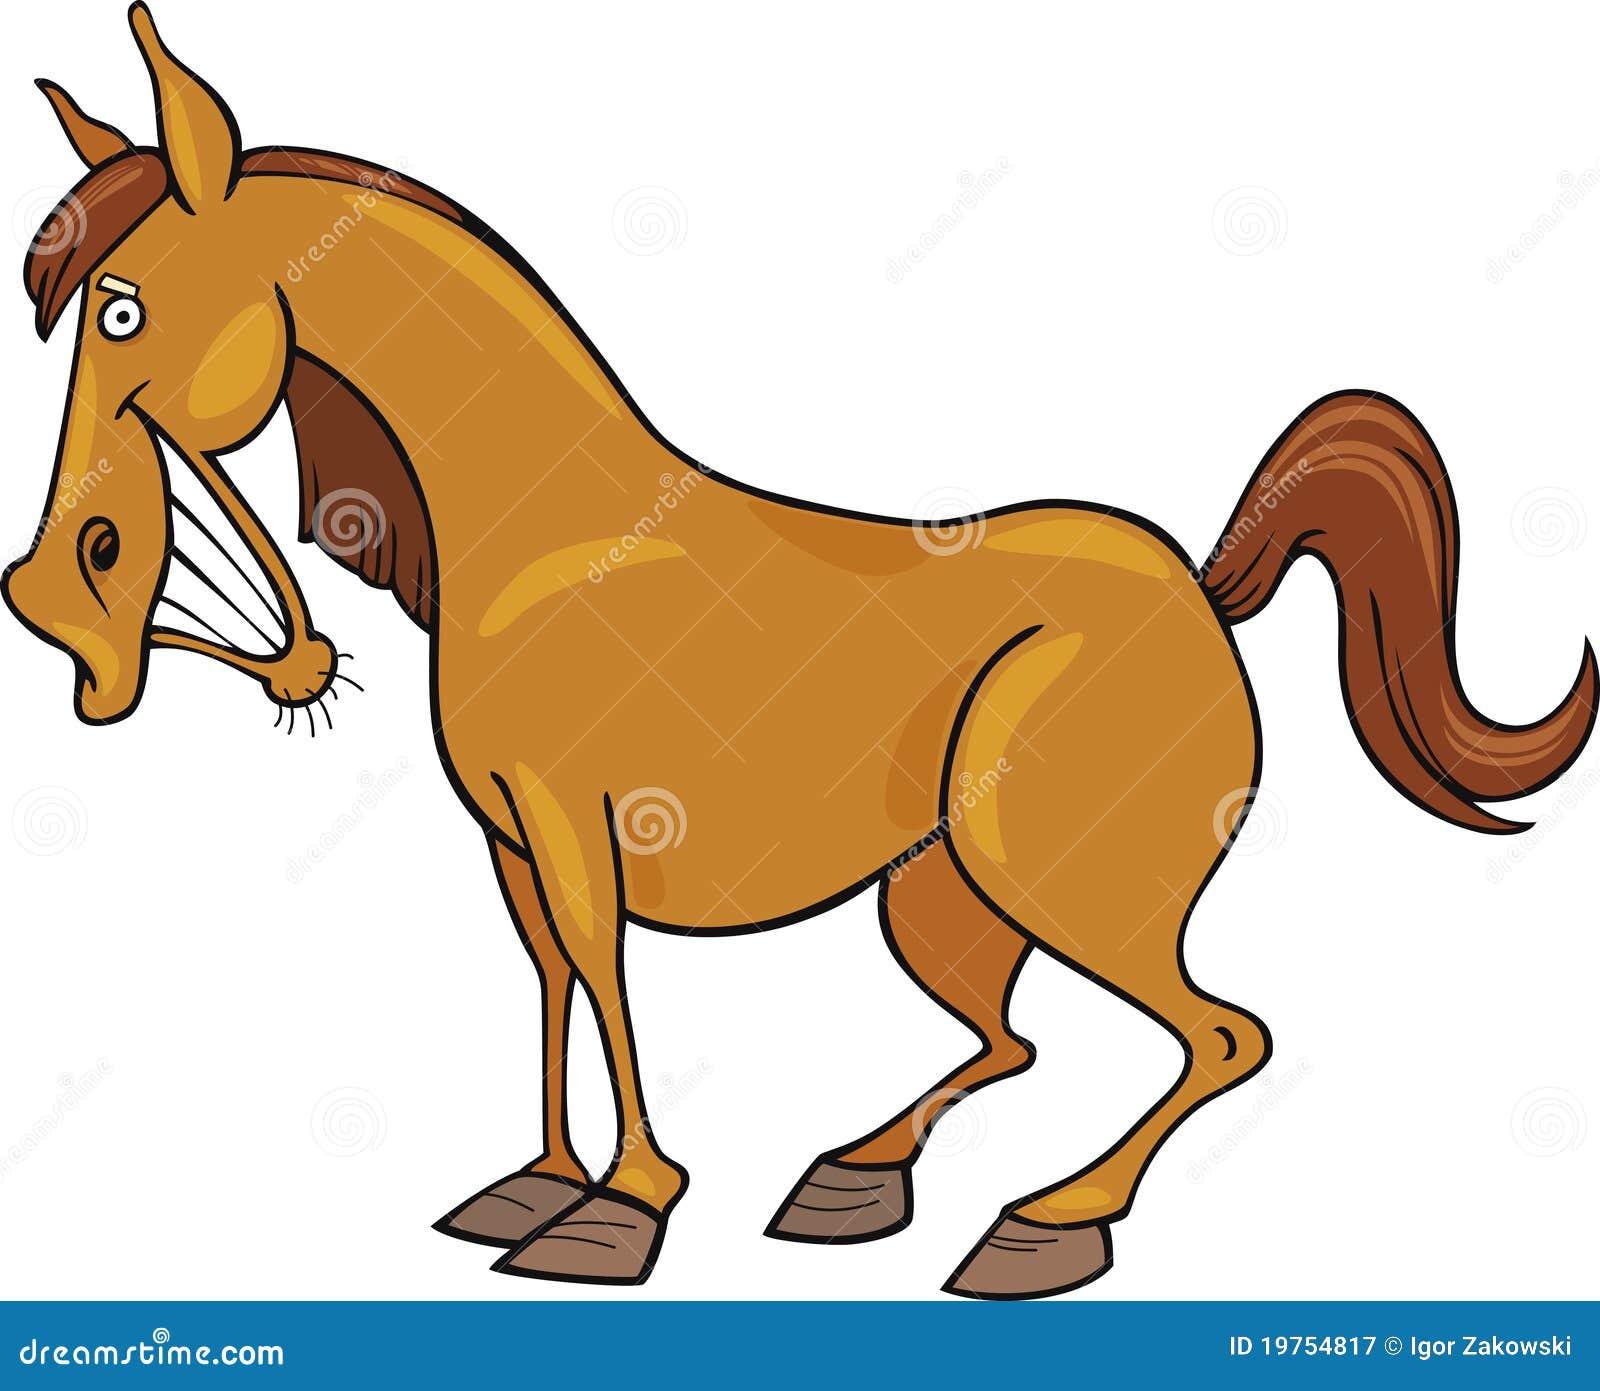 Cheval de dessin anim photographie stock libre de droits image 19754817 - Dessin anime indien cheval ...